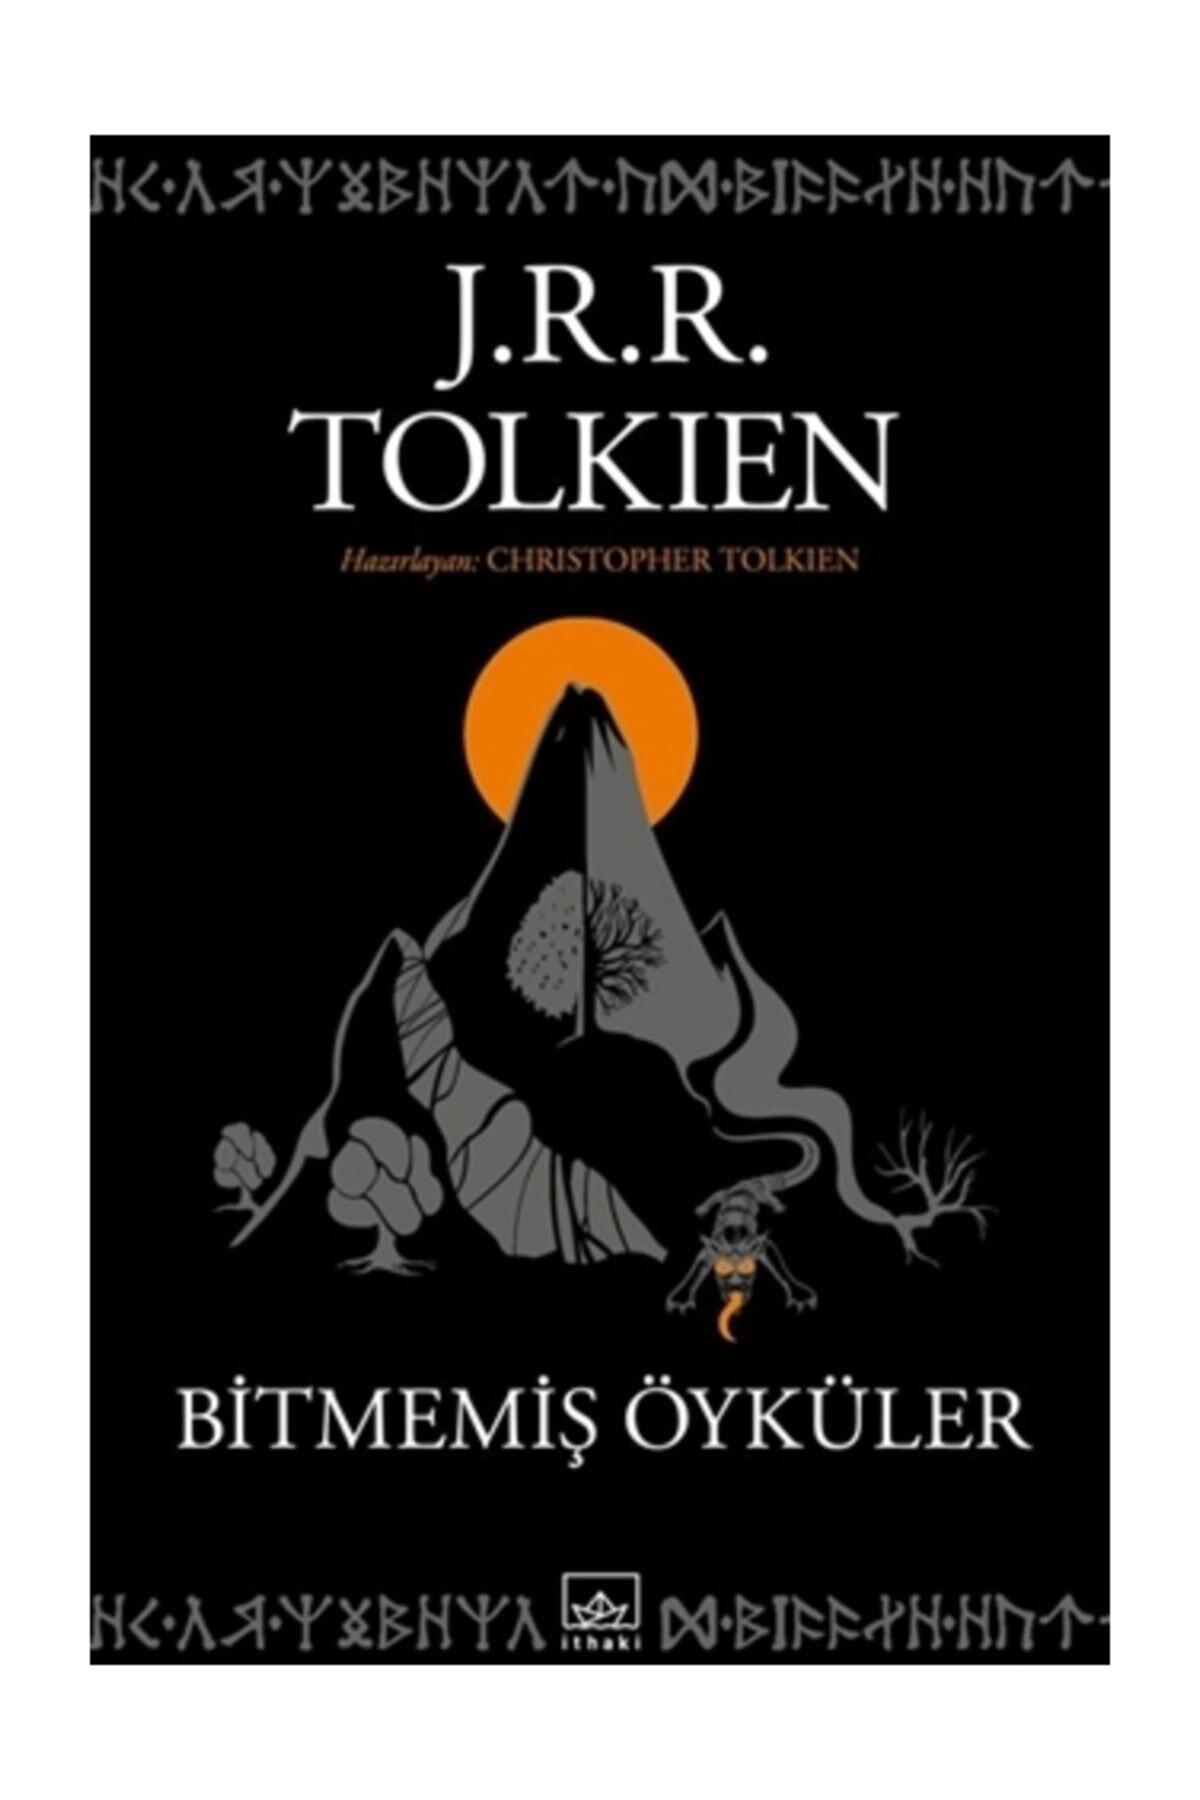 İthaki Yayınları Bitmemiş Öyküler - J. R. R. Tolkien 1